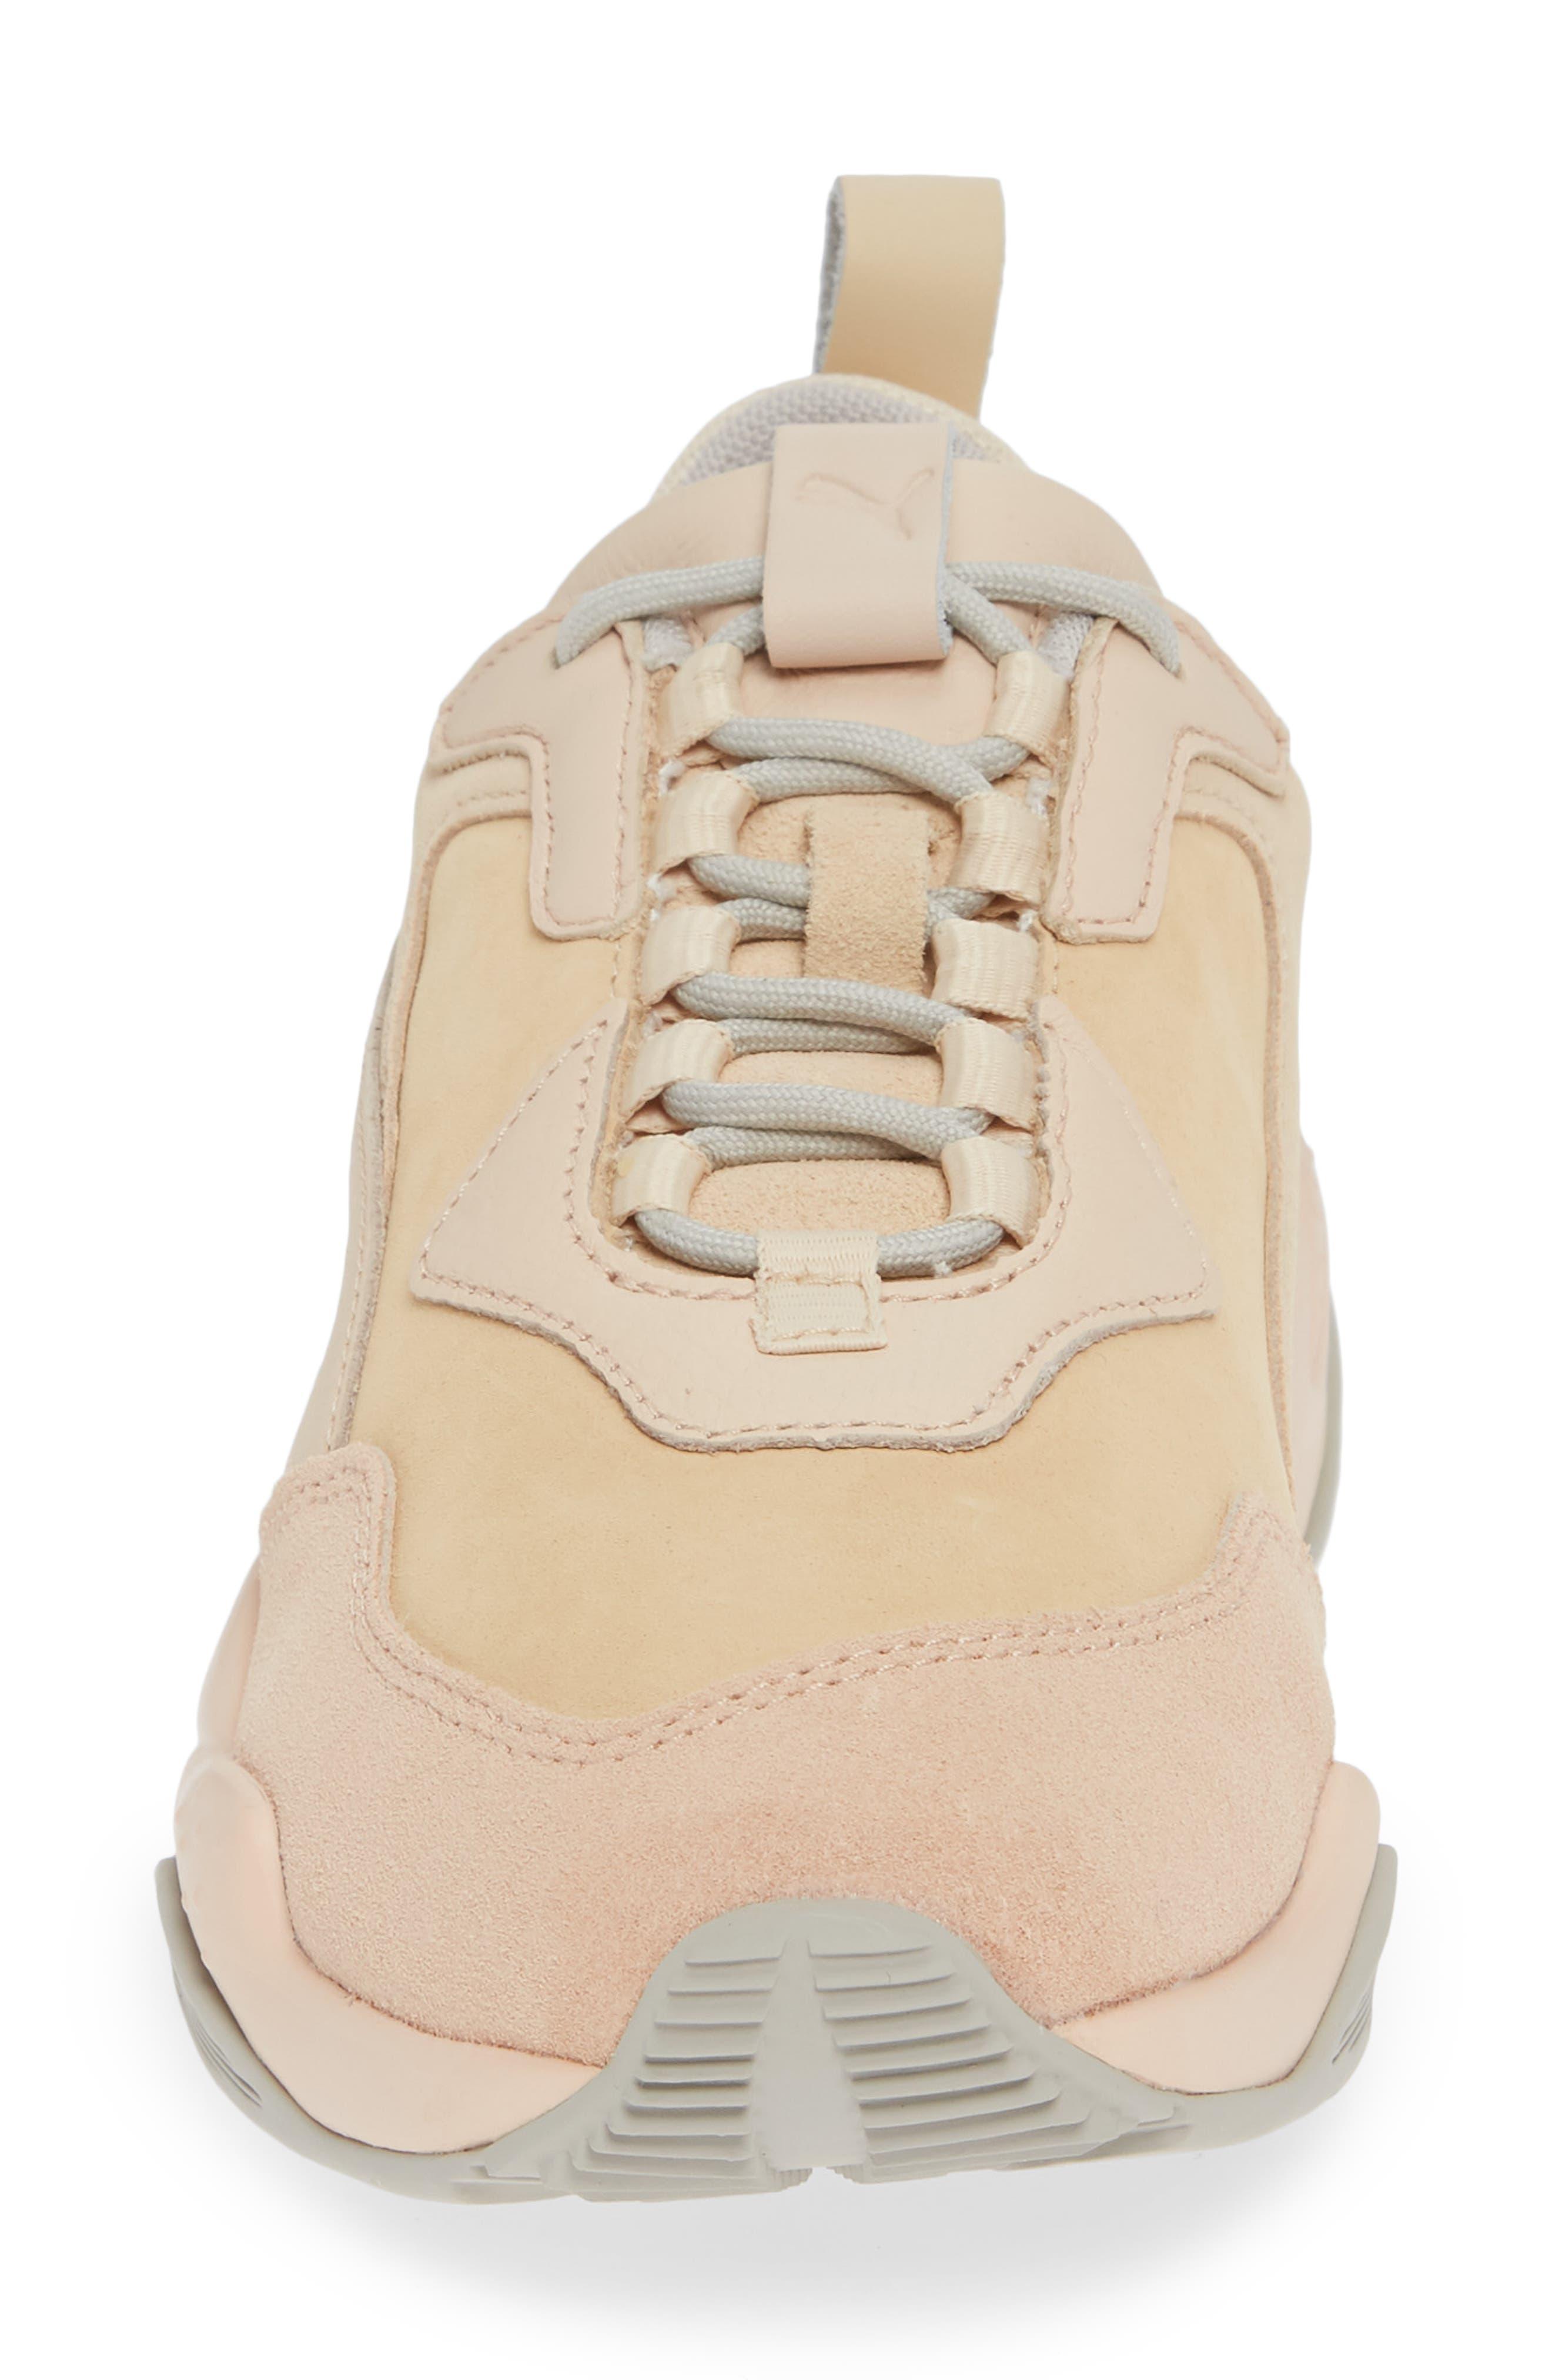 Thunder Desert Sneaker,                             Alternate thumbnail 4, color,                             NATURAL VACHETTA/ CREAM TAN